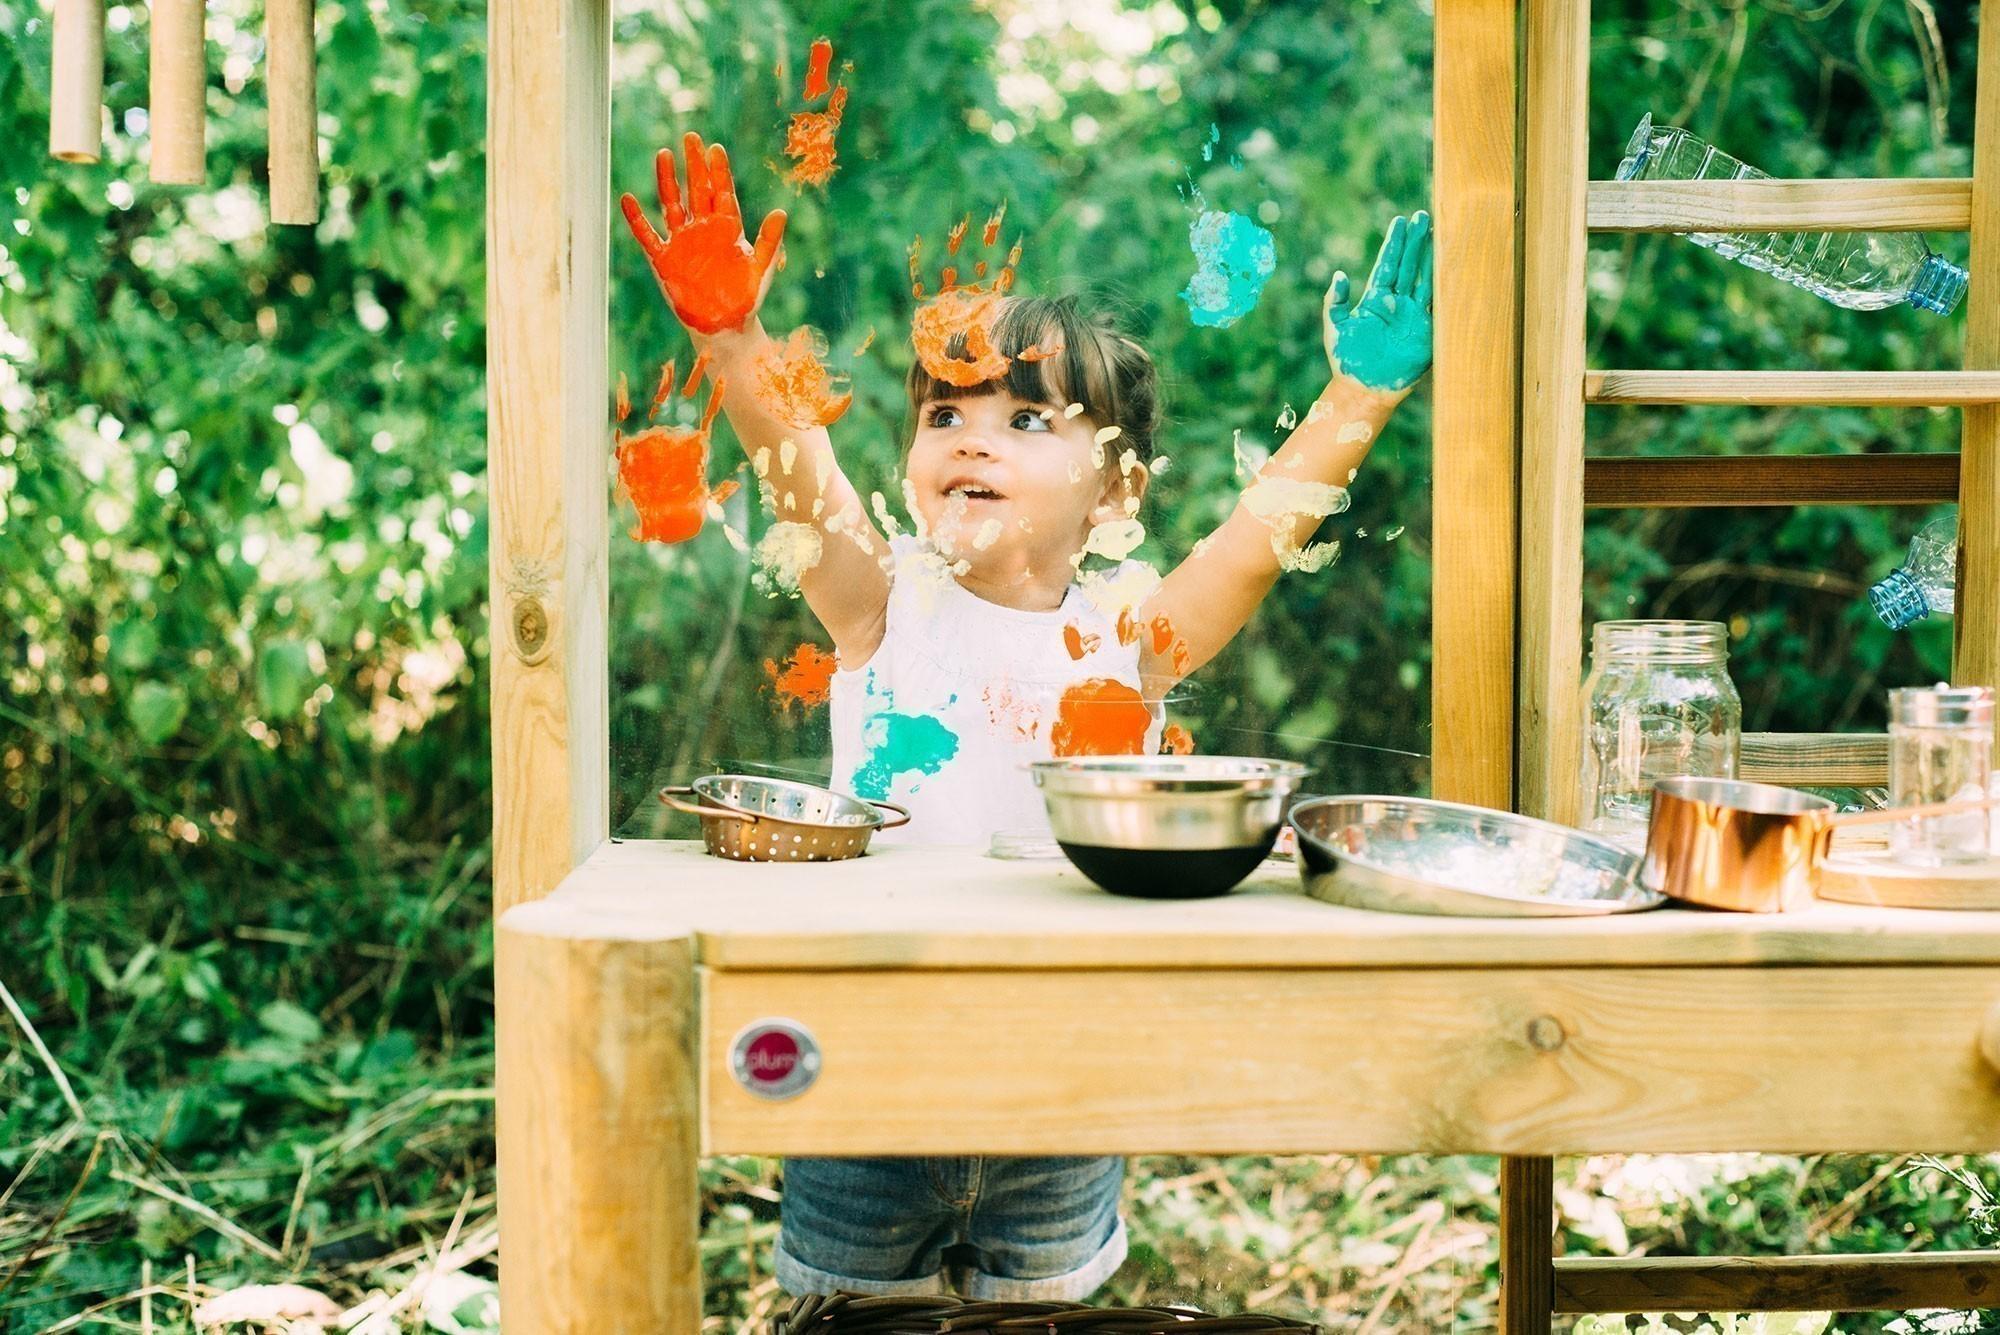 Spielküche Plum Discovery Küche / Gartenküche Holz 161x63x114cm Bild 2